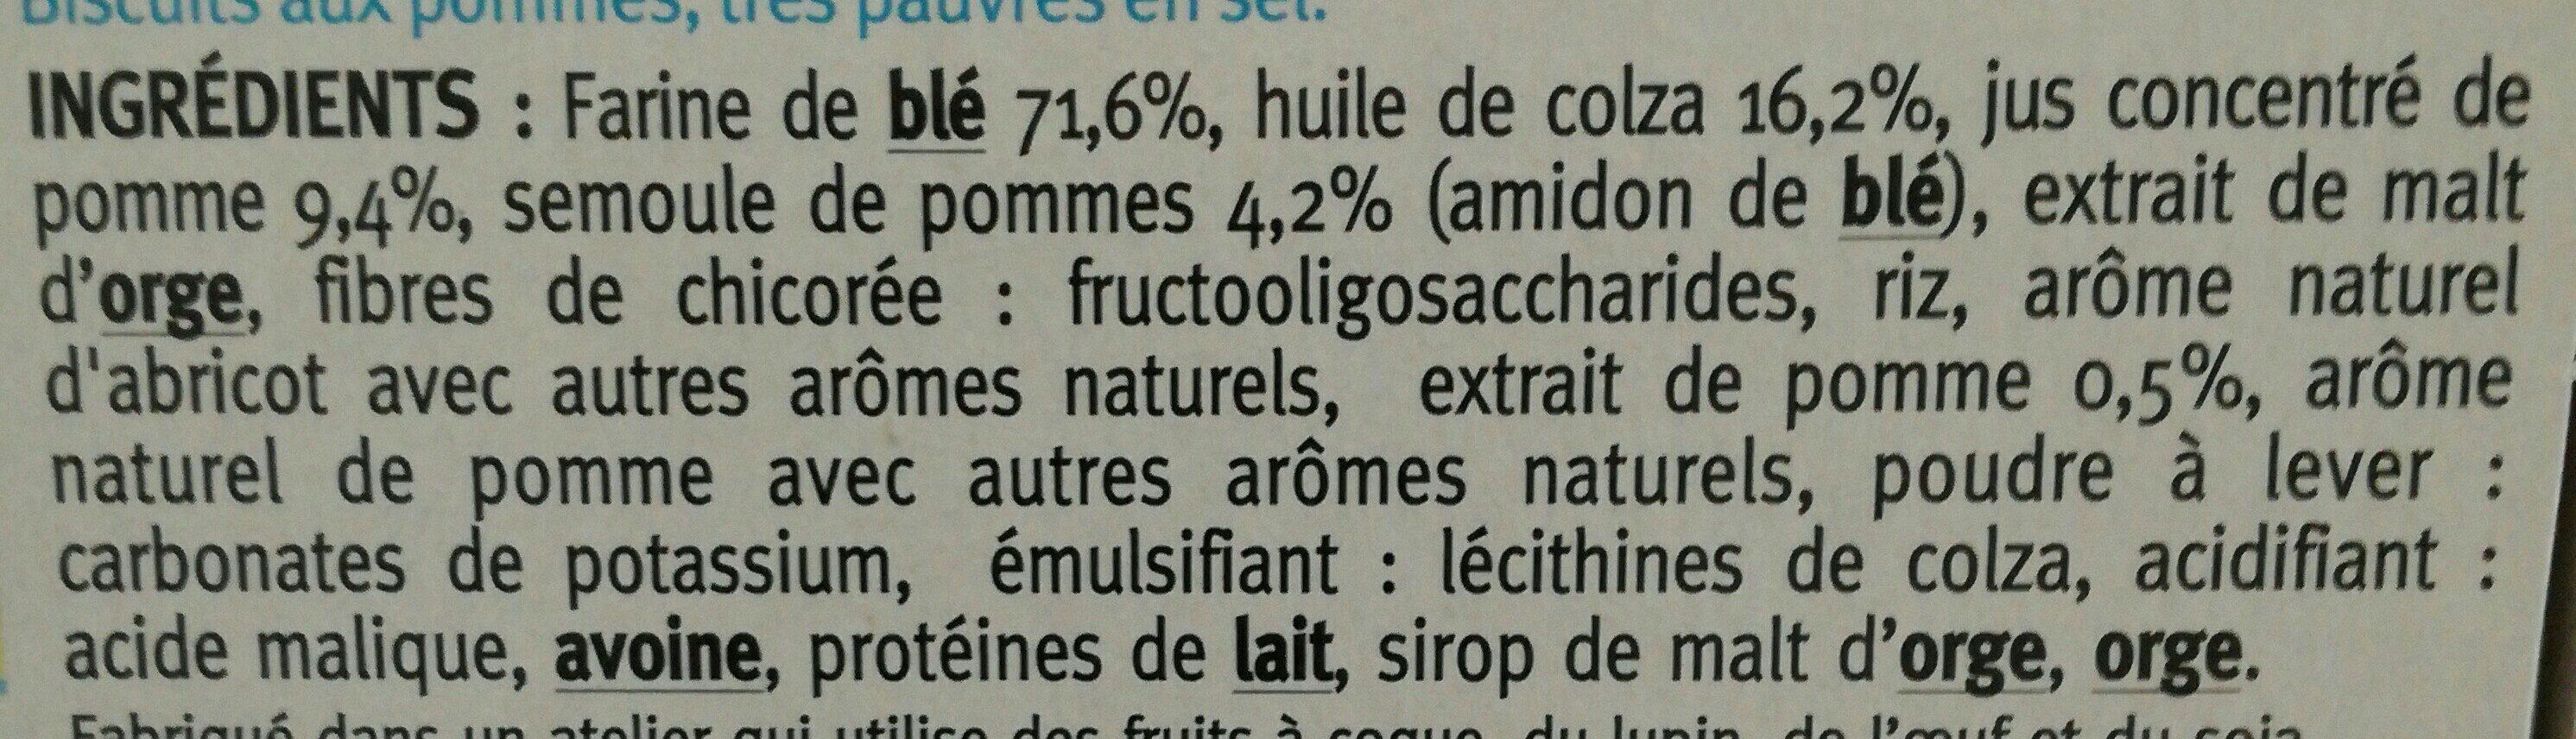 Biscuits aux pommes - Ingrédients - fr